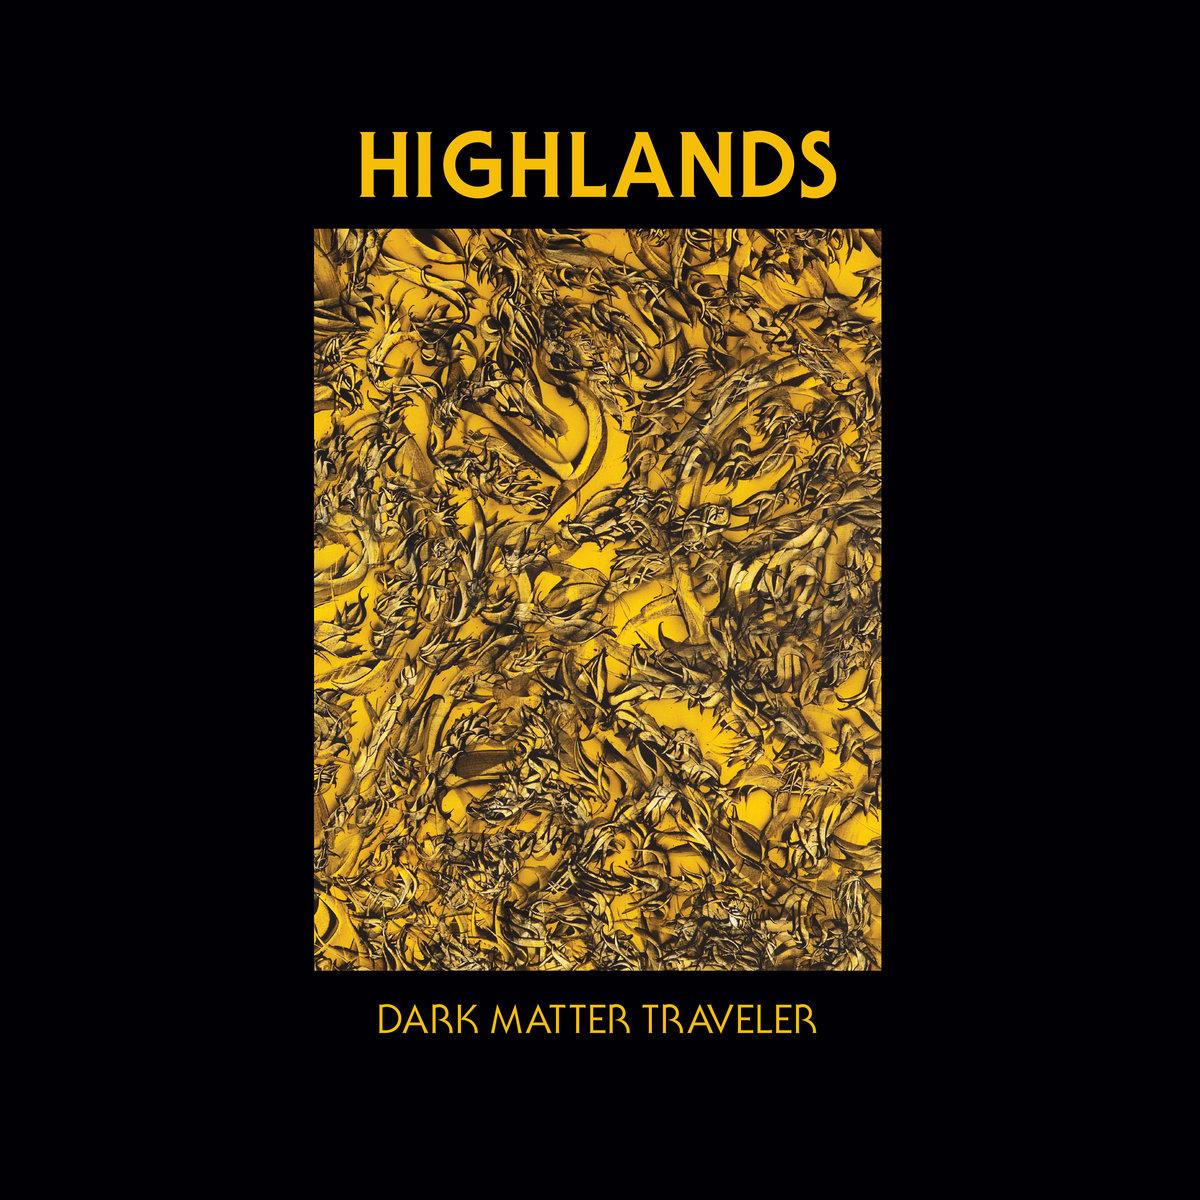 Highlands_DMT.jpg